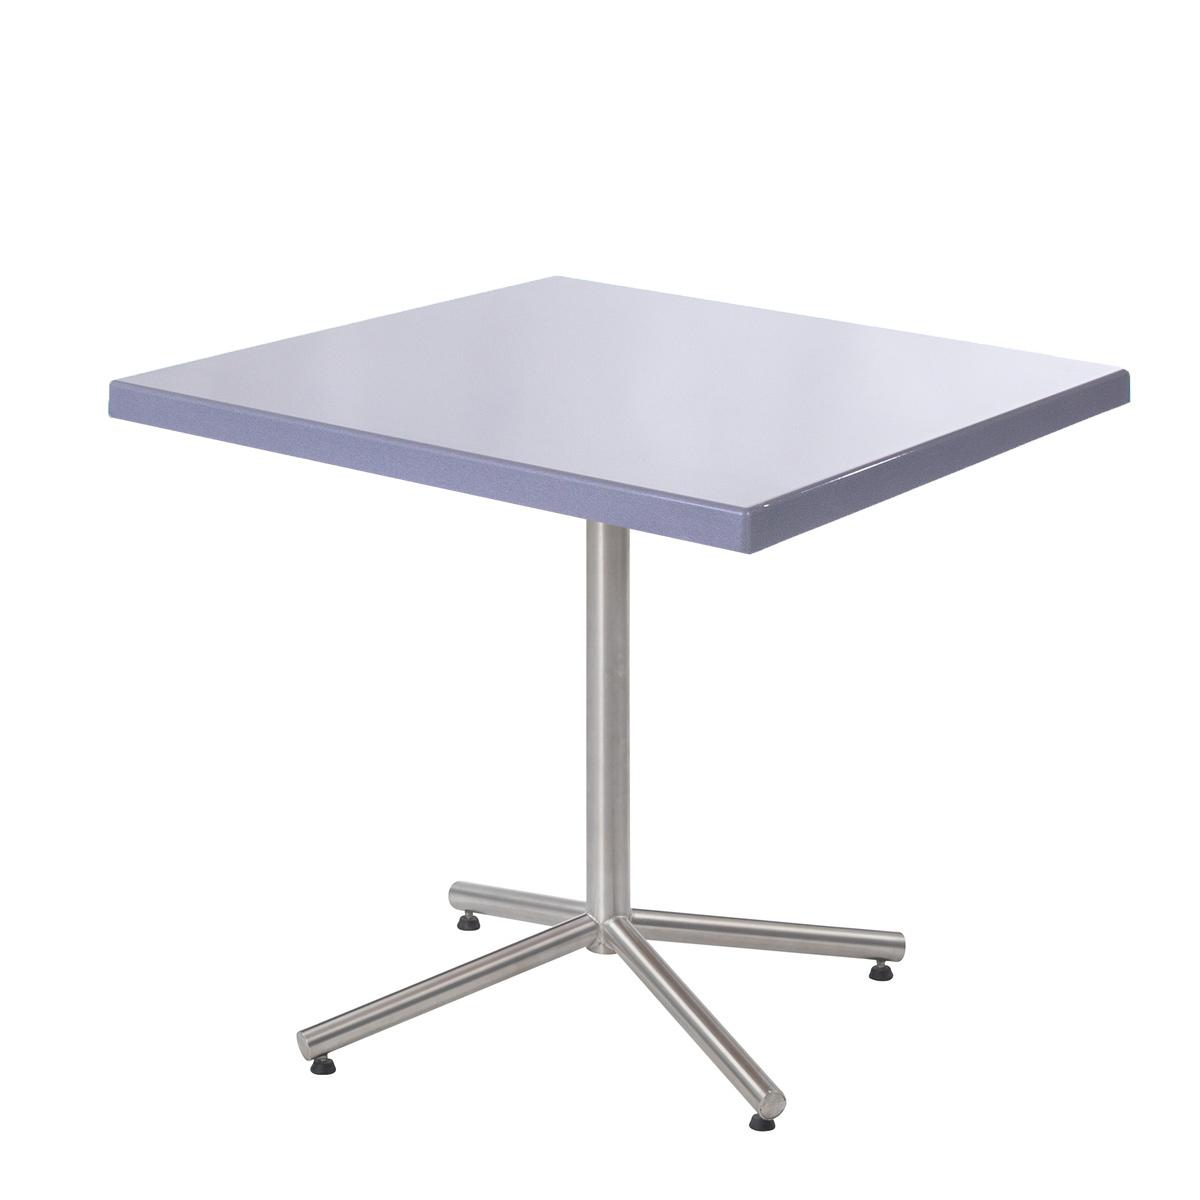 GFK Tisch silber, glanz, Untergestell galvanisch, 4-Stern Noble, 80 x 80 x 3.5 cm, H 73 cm